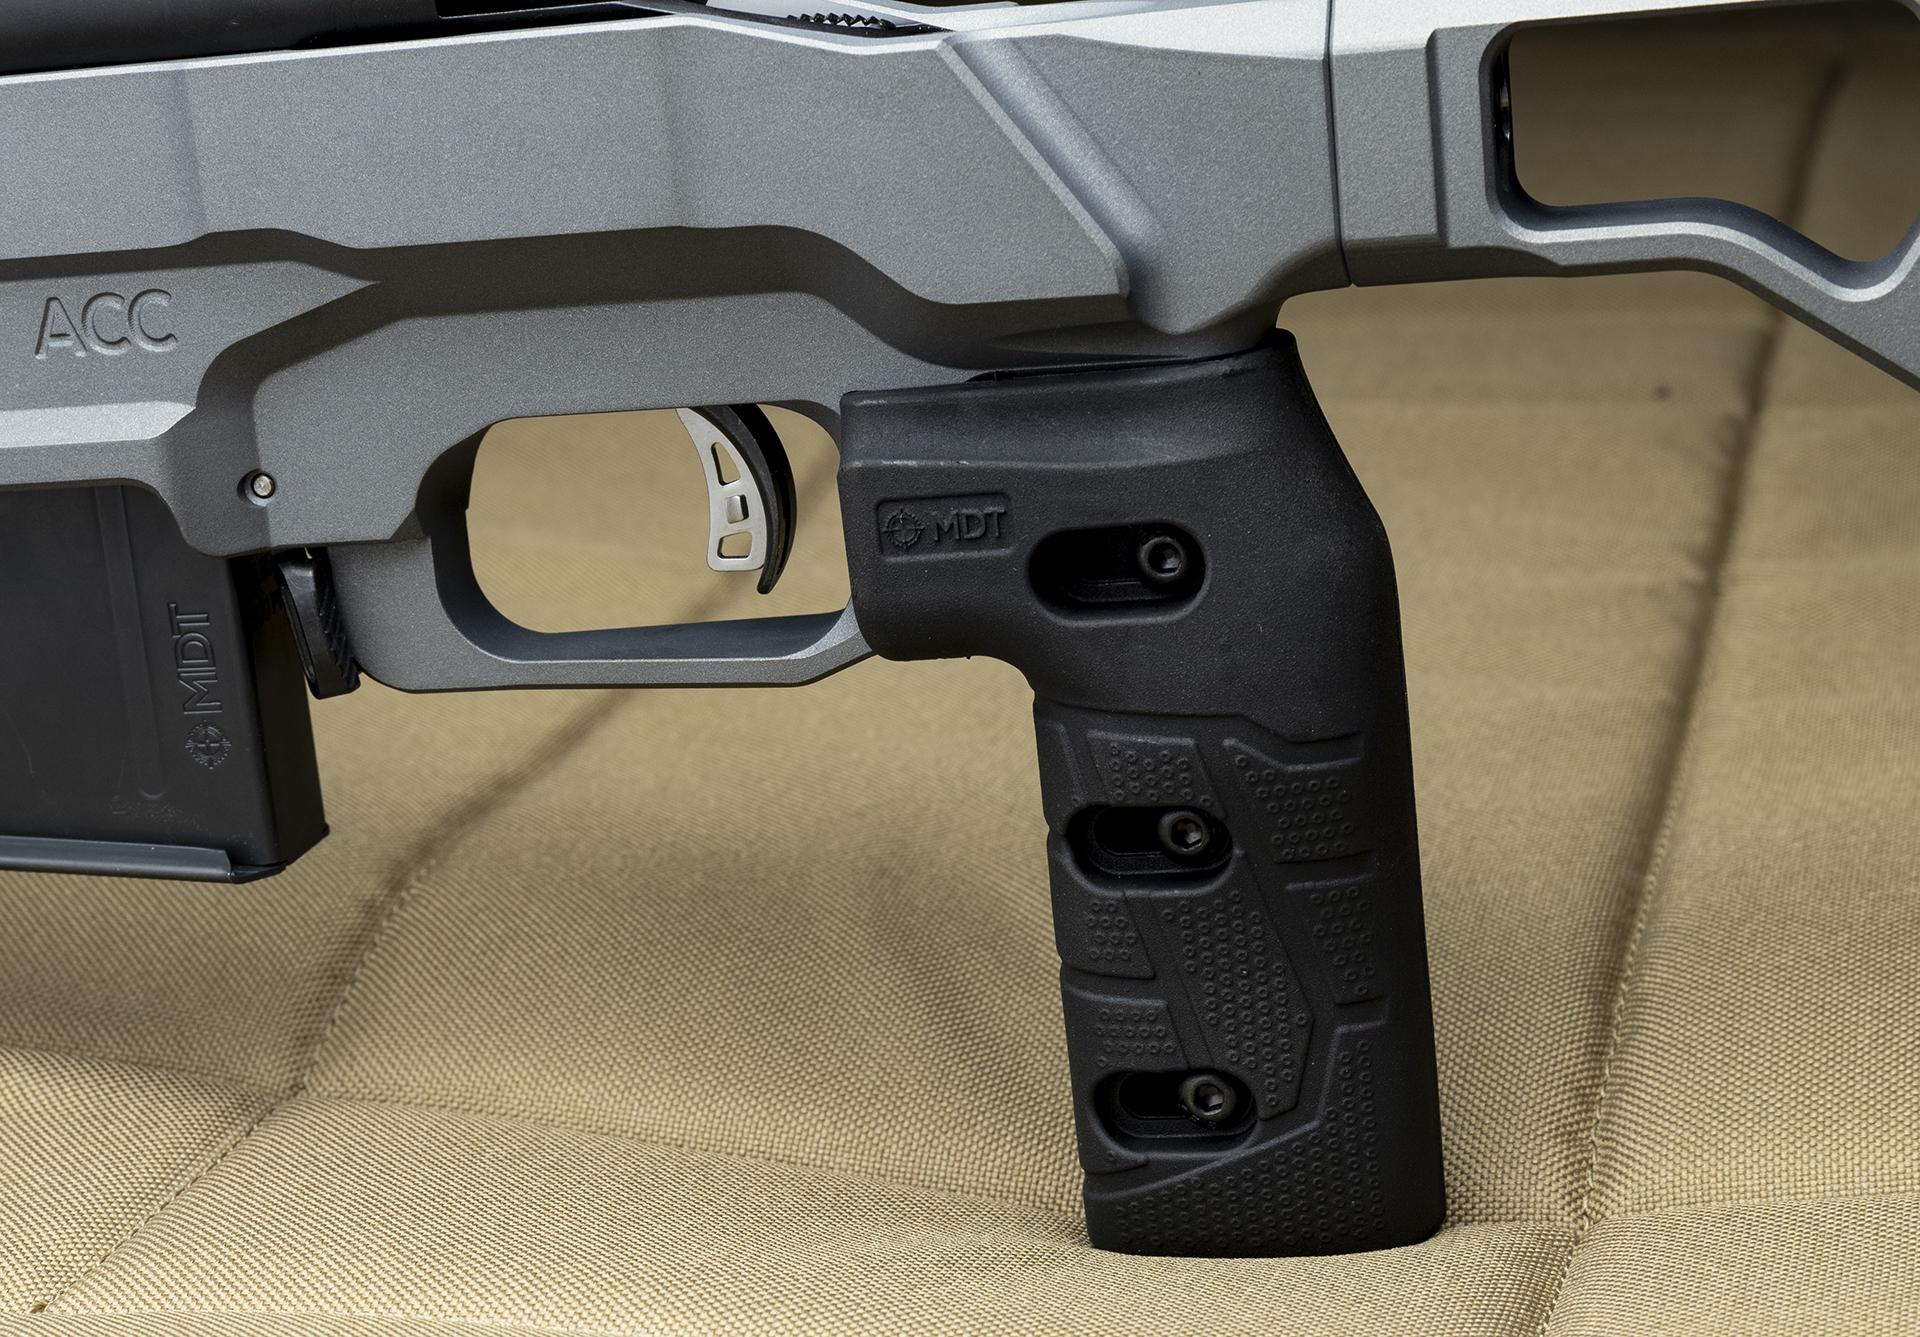 SAV 110 Elite Precision grip trigger